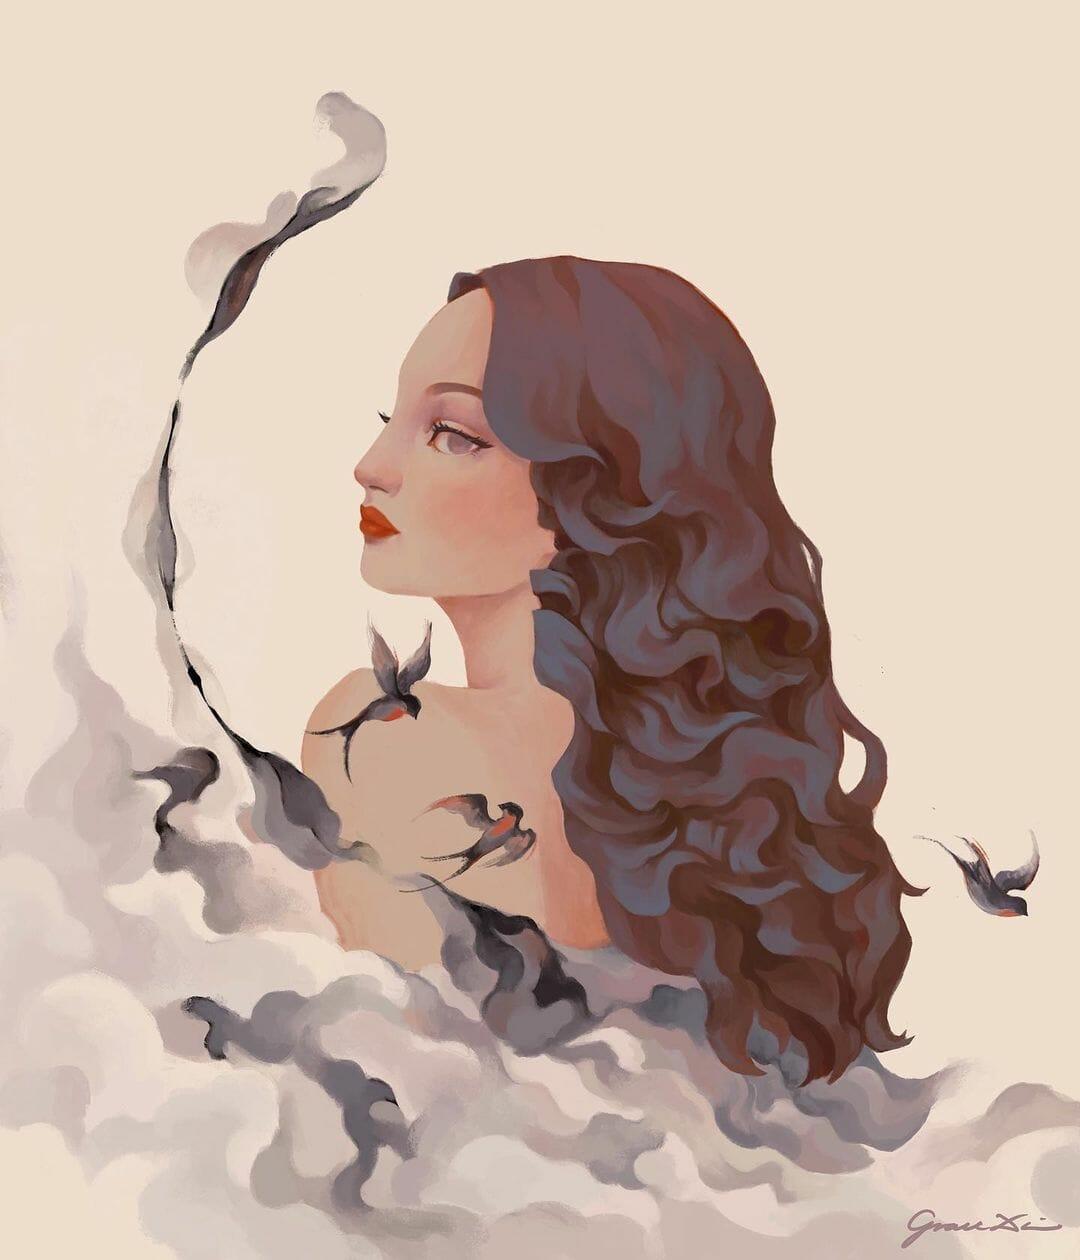 Une femme de dos, visage de profil, cheveux en cascade, son dos caché par des nuages, plusieurs oiseaux volent autour d'elle